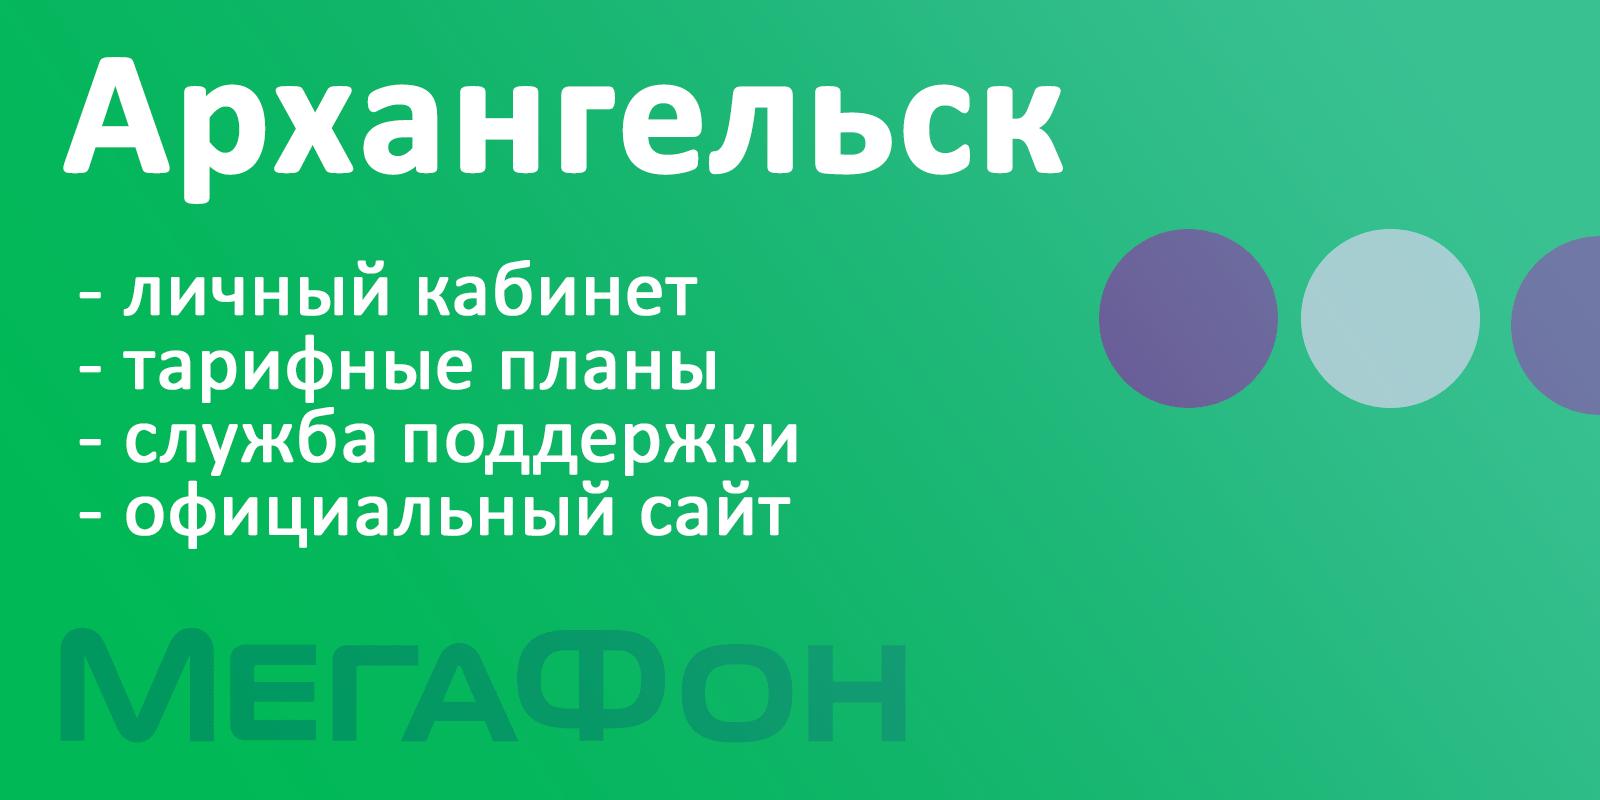 Мегафон Архангельск официальный сайт, тарифы, личный кабинет